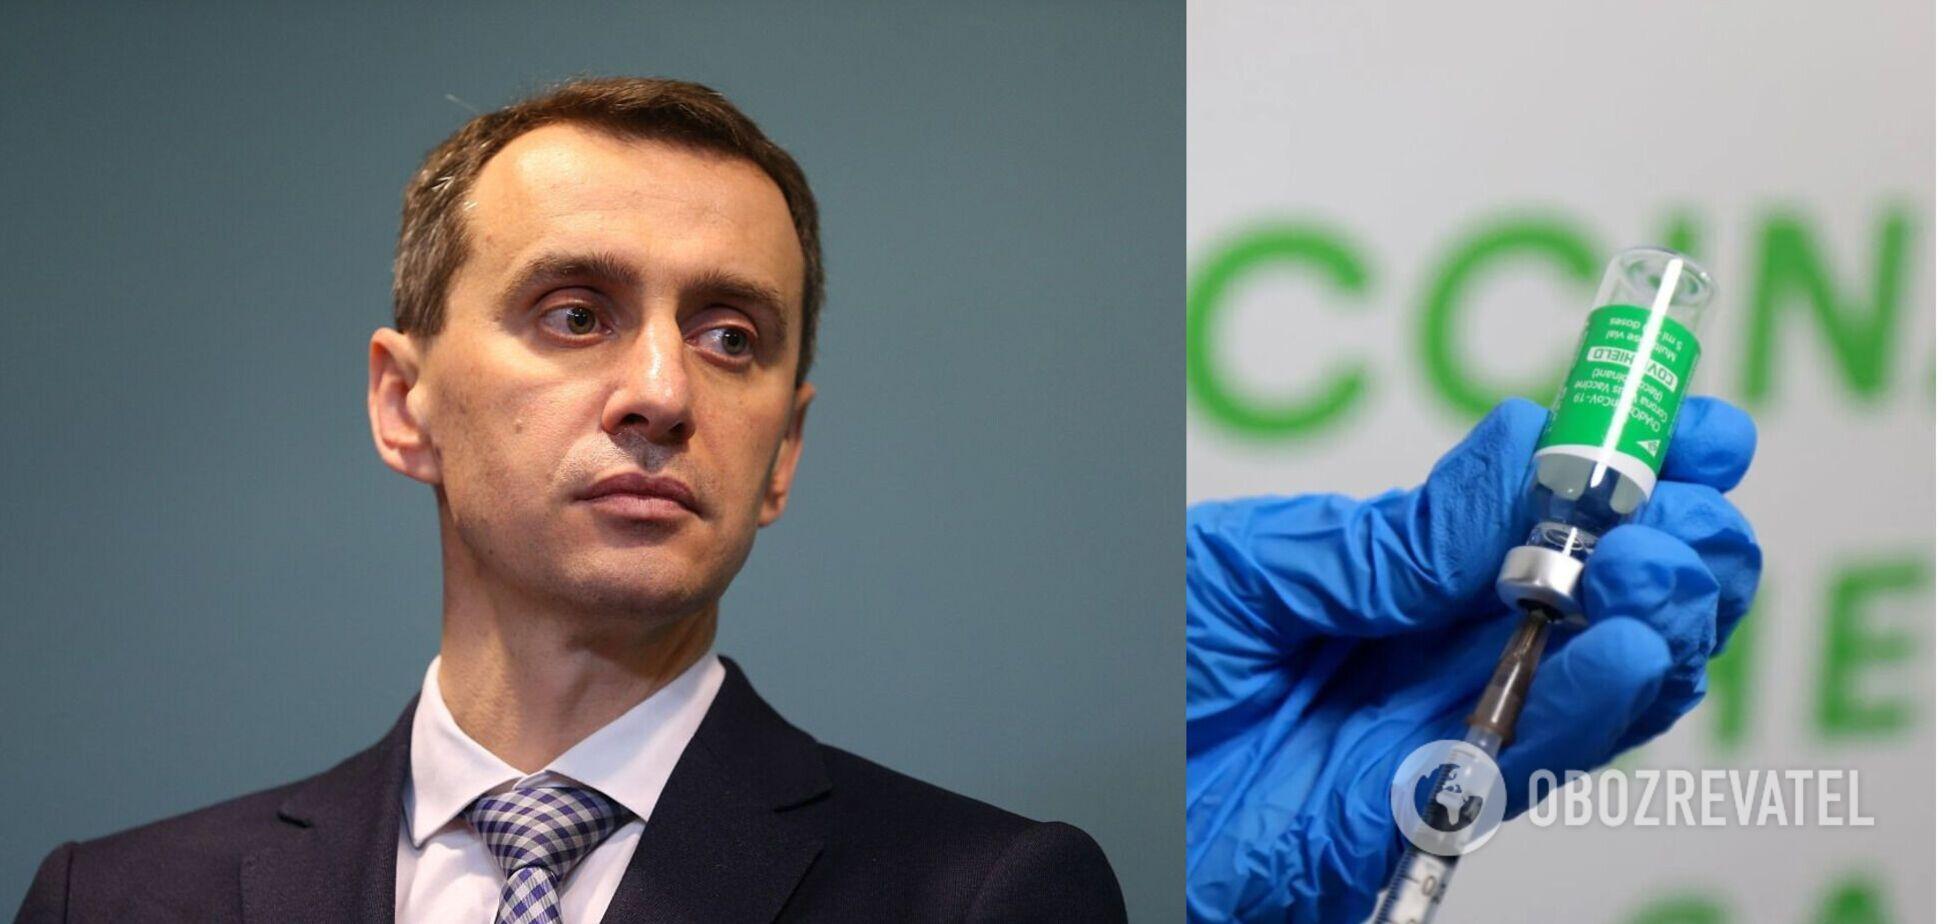 Ляшко: Украина может делать до 11 млн прививок от COVID-19 в месяц